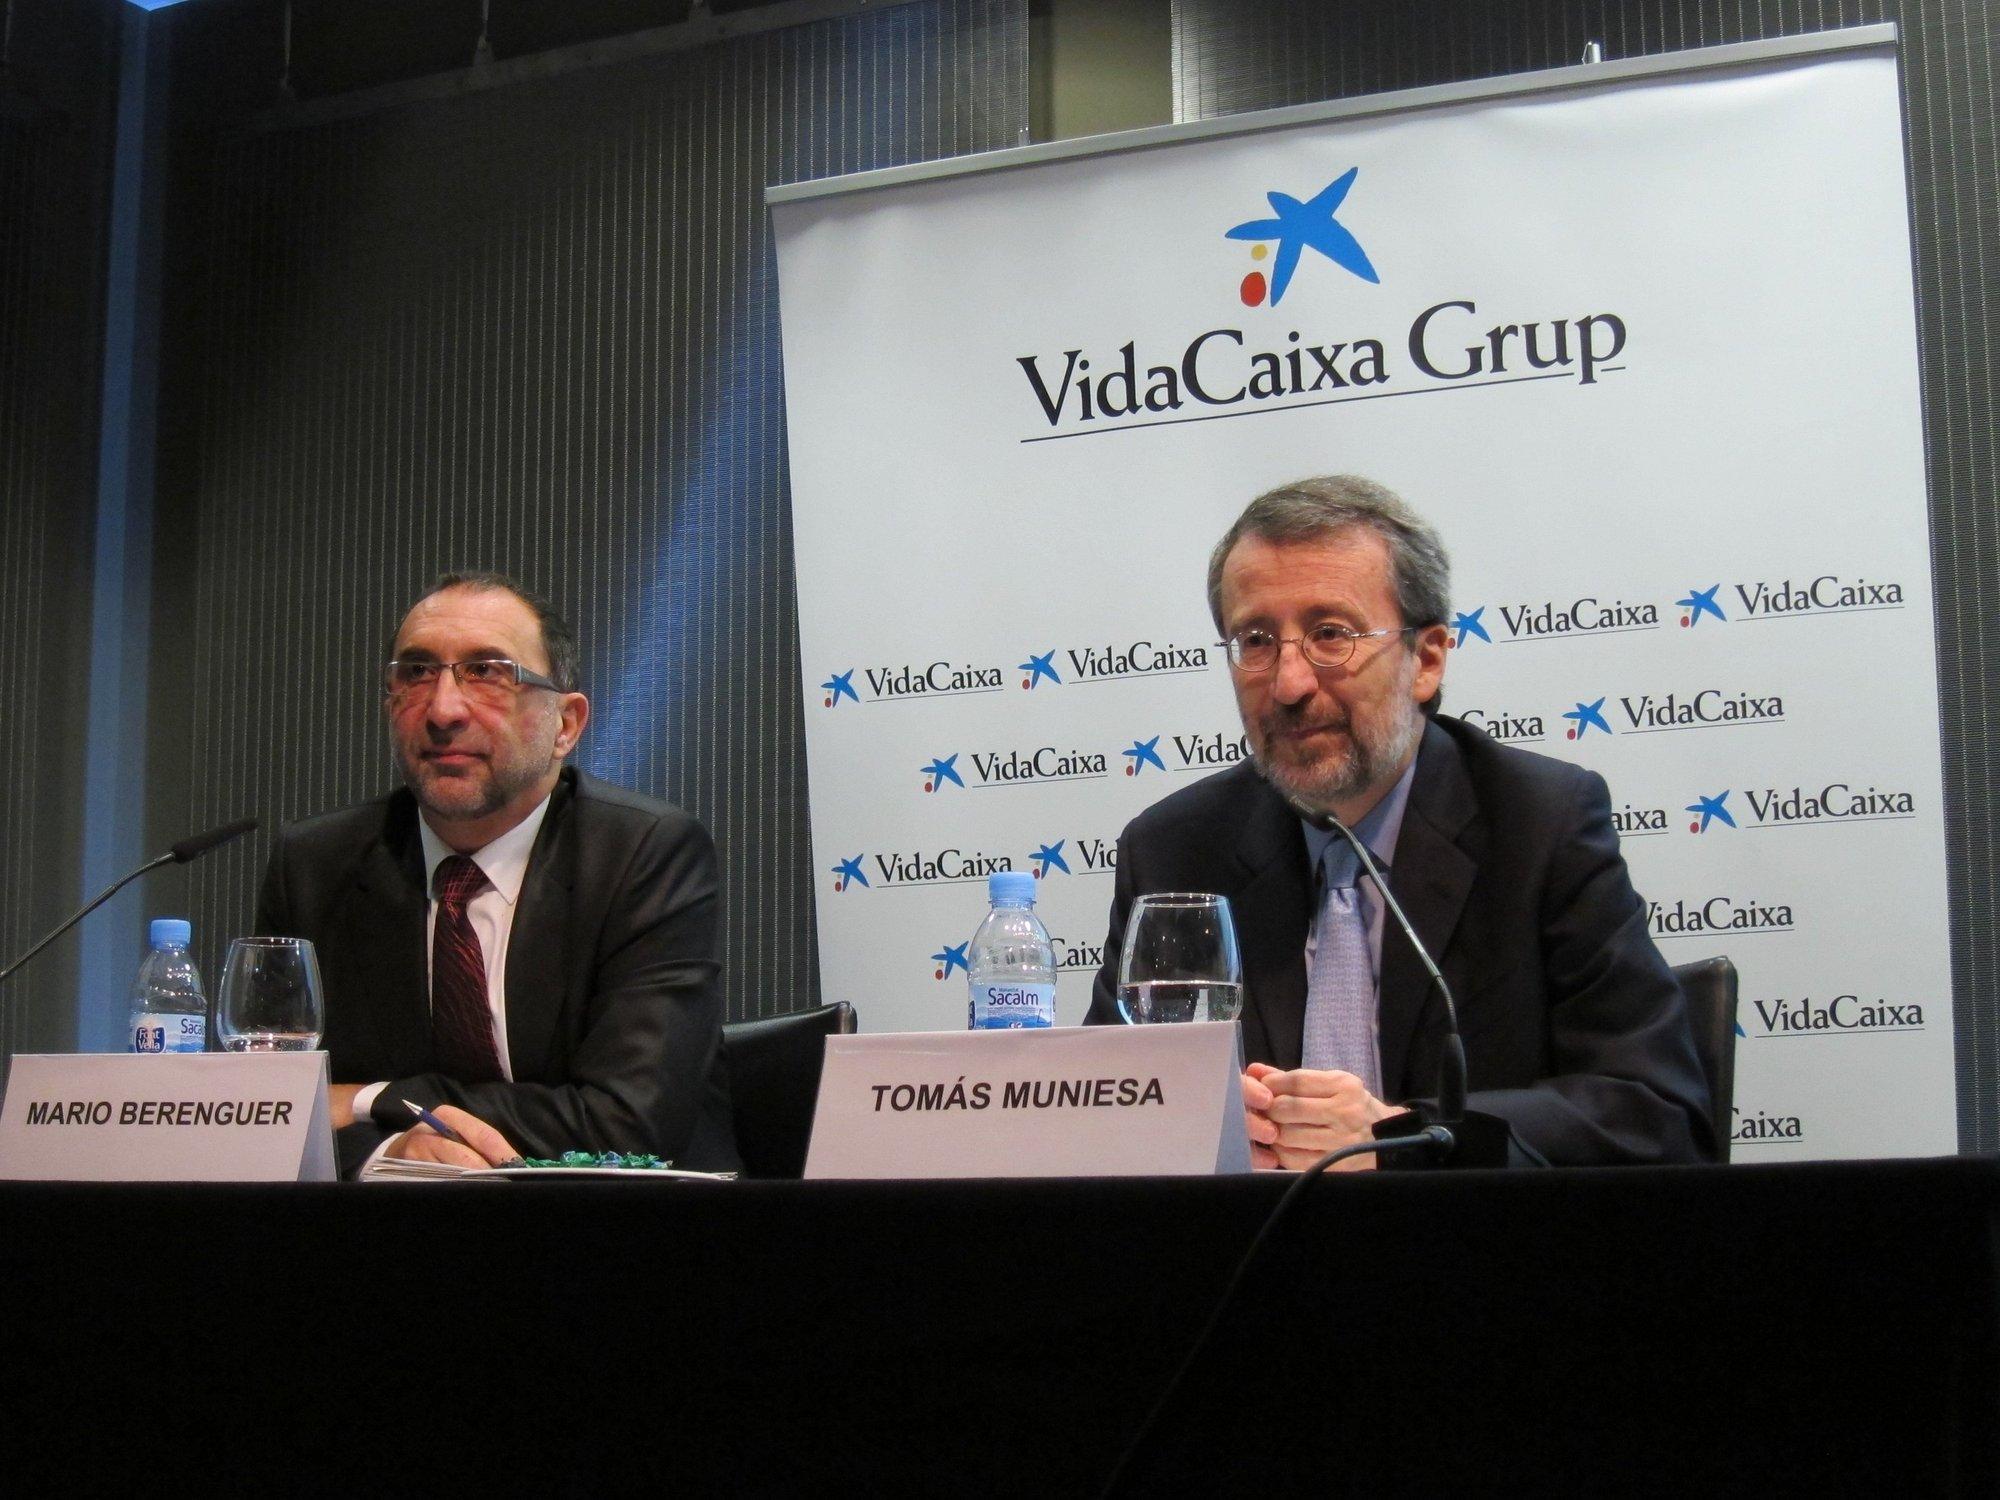 VidaCaixa ganó 947 millones en 2011, más del triple que en 2010 por extraordinarios